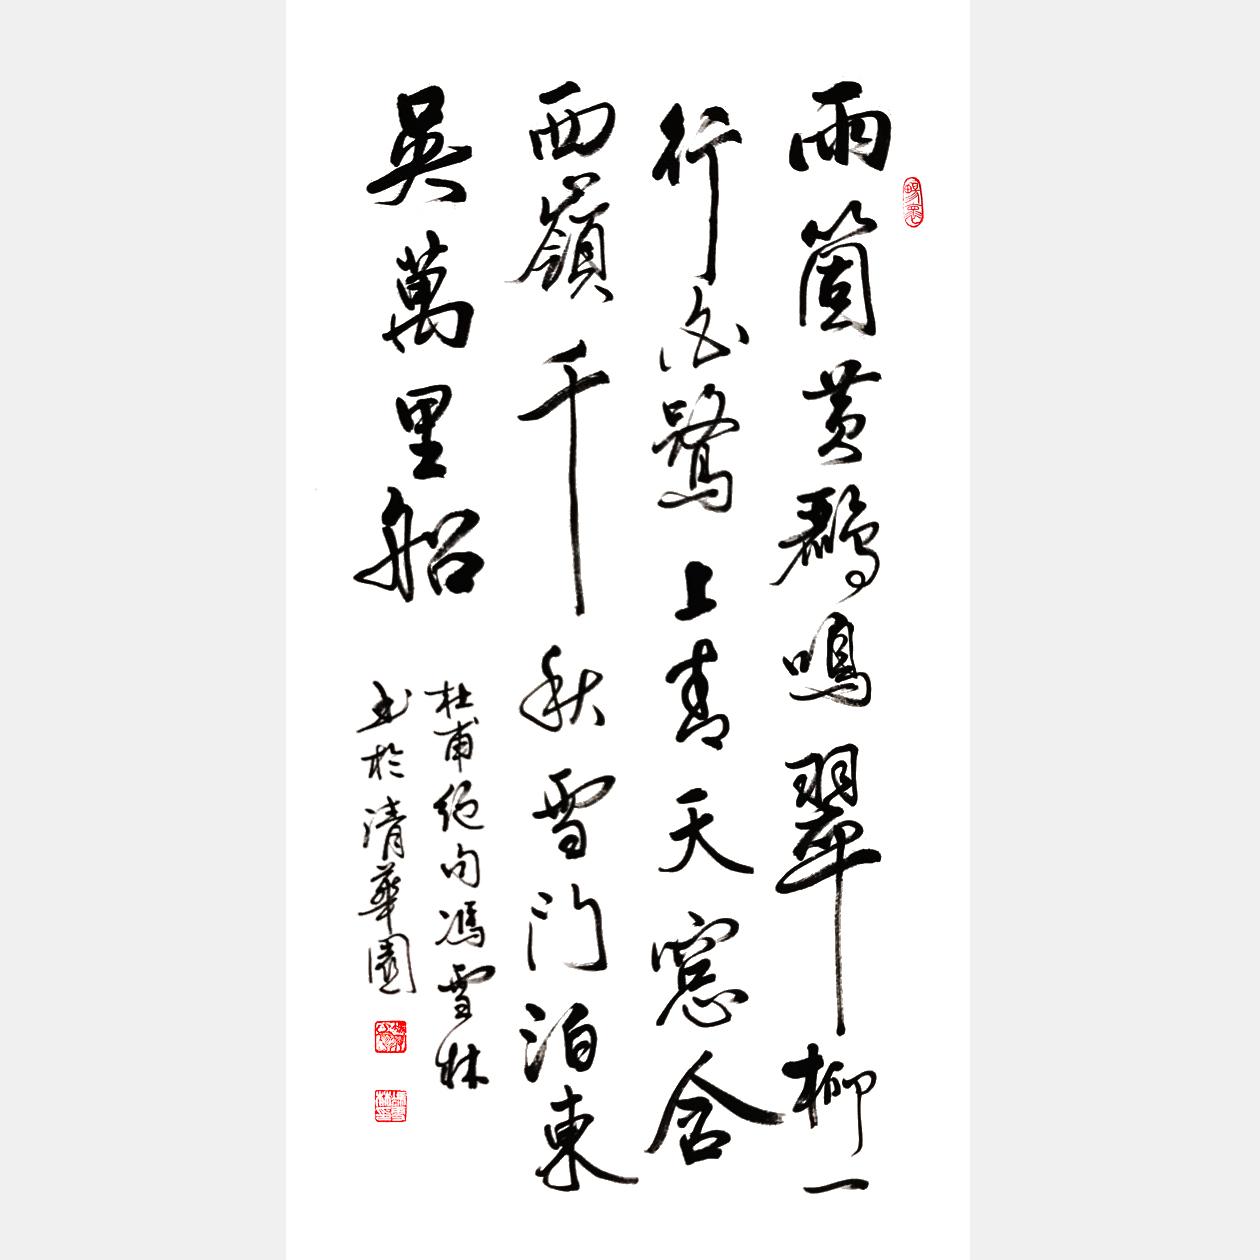 唐代杜甫《绝句》其三 两个黄鹂鸣翠柳 行书